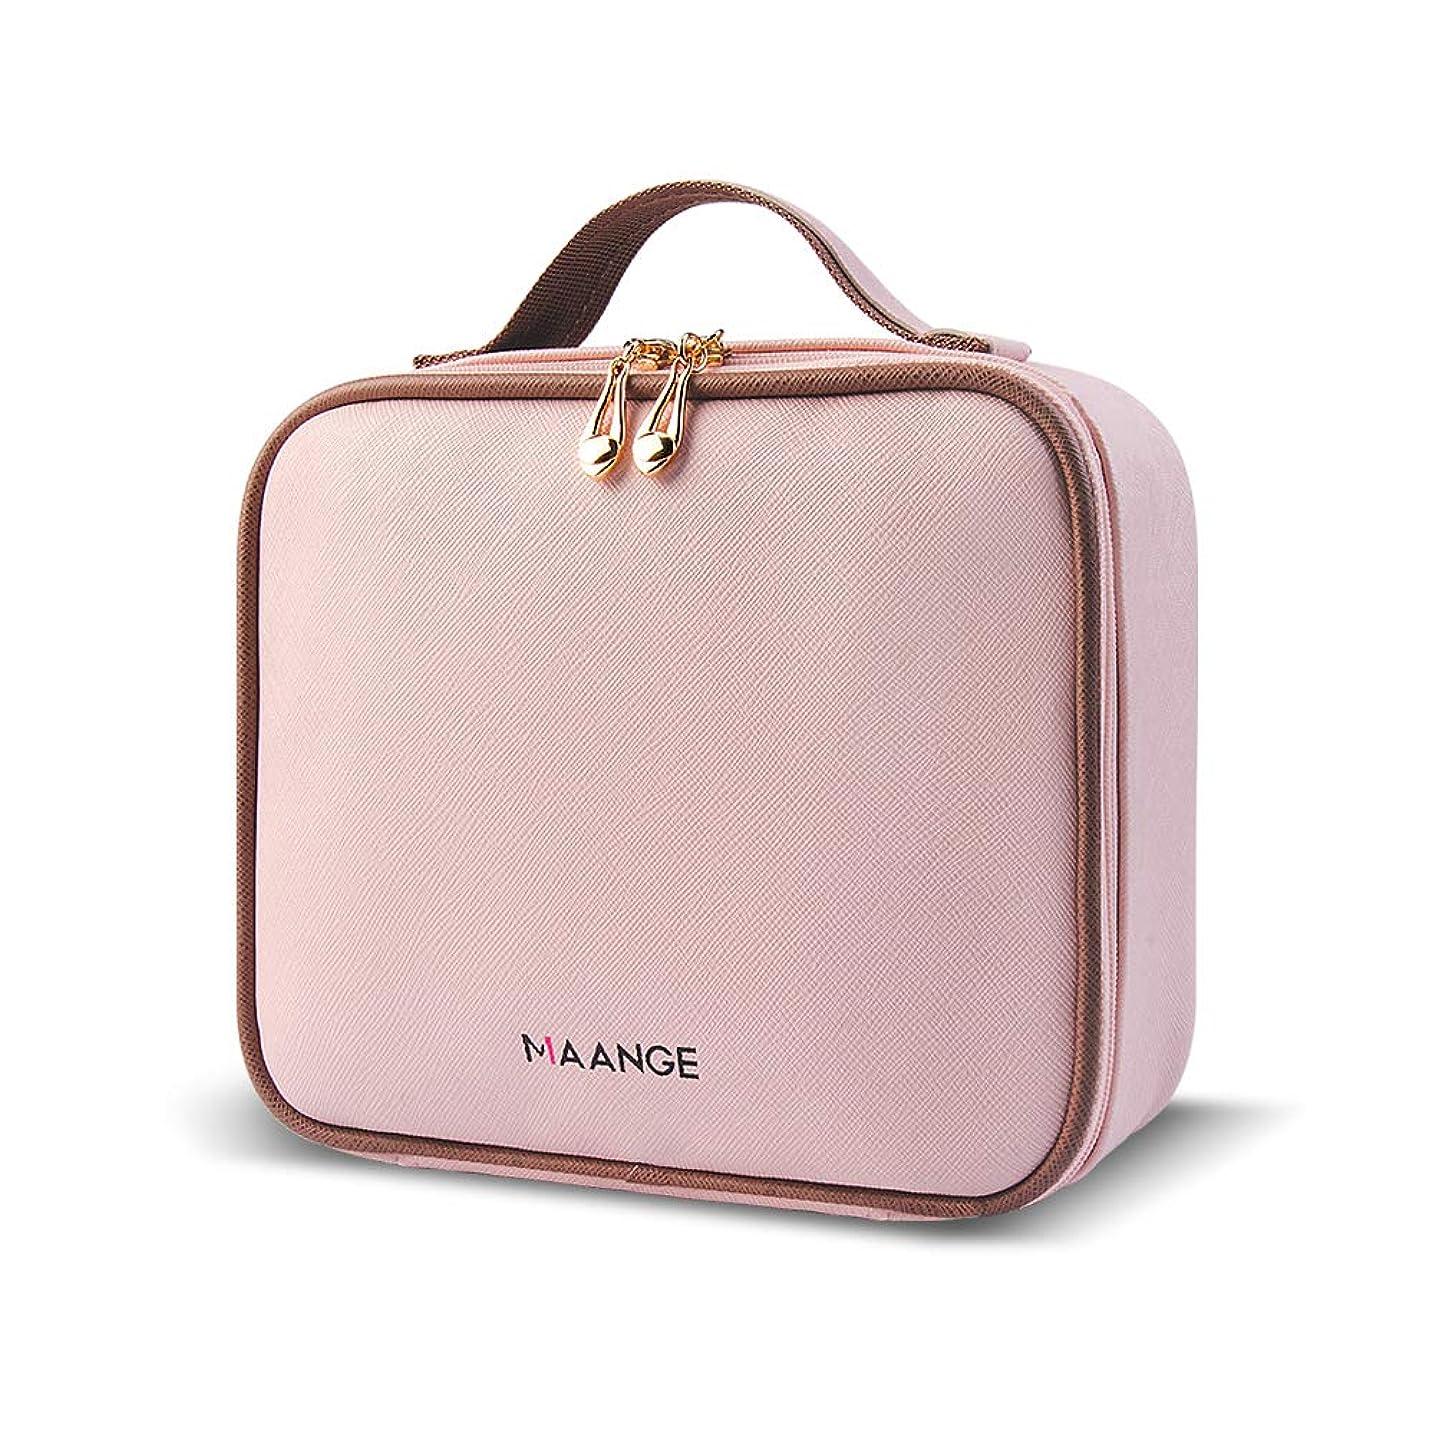 モチーフ知覚するランドマークMAANGE 化粧ポーチ メイクポーチ コスメ収納ポーチ 高品質収納ボックス 旅行バッグ バニティポーチ 小物入れ 出張用バッグ(ピンク)